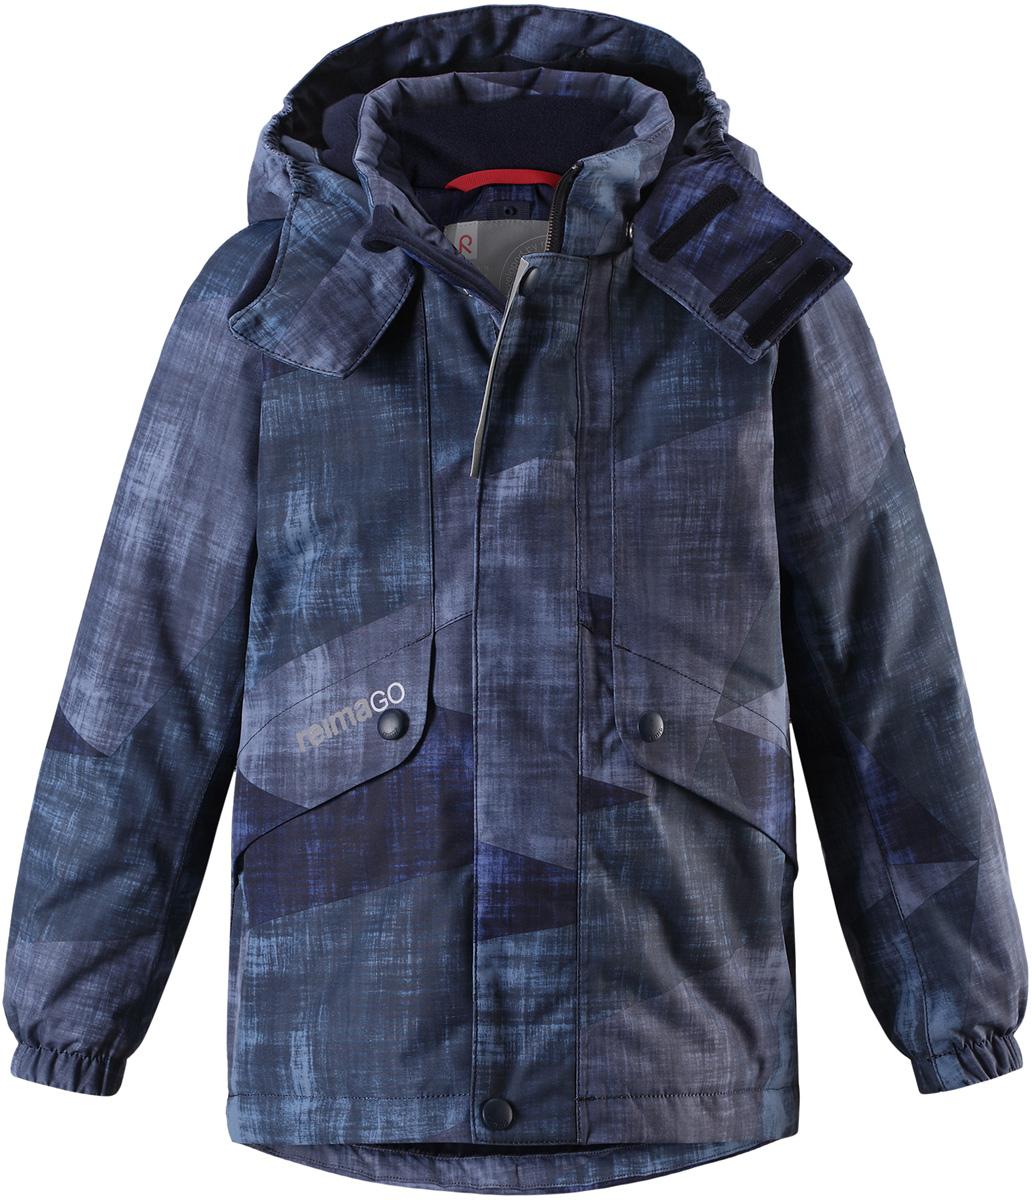 Куртка детская Reima Reimatec Elo, цвет: темно-синий. 5215156982. Размер 1405215156982Детская абсолютно непромокаемая зимняя куртка Reimatec изготовлена из водо- и ветронепроницаемого, прочного и дышащего материала, который эффективно отталкивает грязь. Все швы проклеены, водонепроницаемы. В этой модели прямого покроя подол при необходимости легко регулируется, что позволяет подогнать куртку точно по фигуре. Съемный и регулируемый капюшон защищает от пронизывающего ветра и проливного дождя, а еще он безопасен во время игр на свежем воздухе. С помощью удобной системы кнопок Play Layers к этой куртке можно присоединять одежду промежуточного слоя Reima, которая подарит вашему ребенку дополнительное тепло и комфорт. В куртке предусмотрены два кармана на молнии, внутренний нагрудный карман, карман для сенсора ReimaGO и множество светоотражающих деталей.Средняя степень утепления.